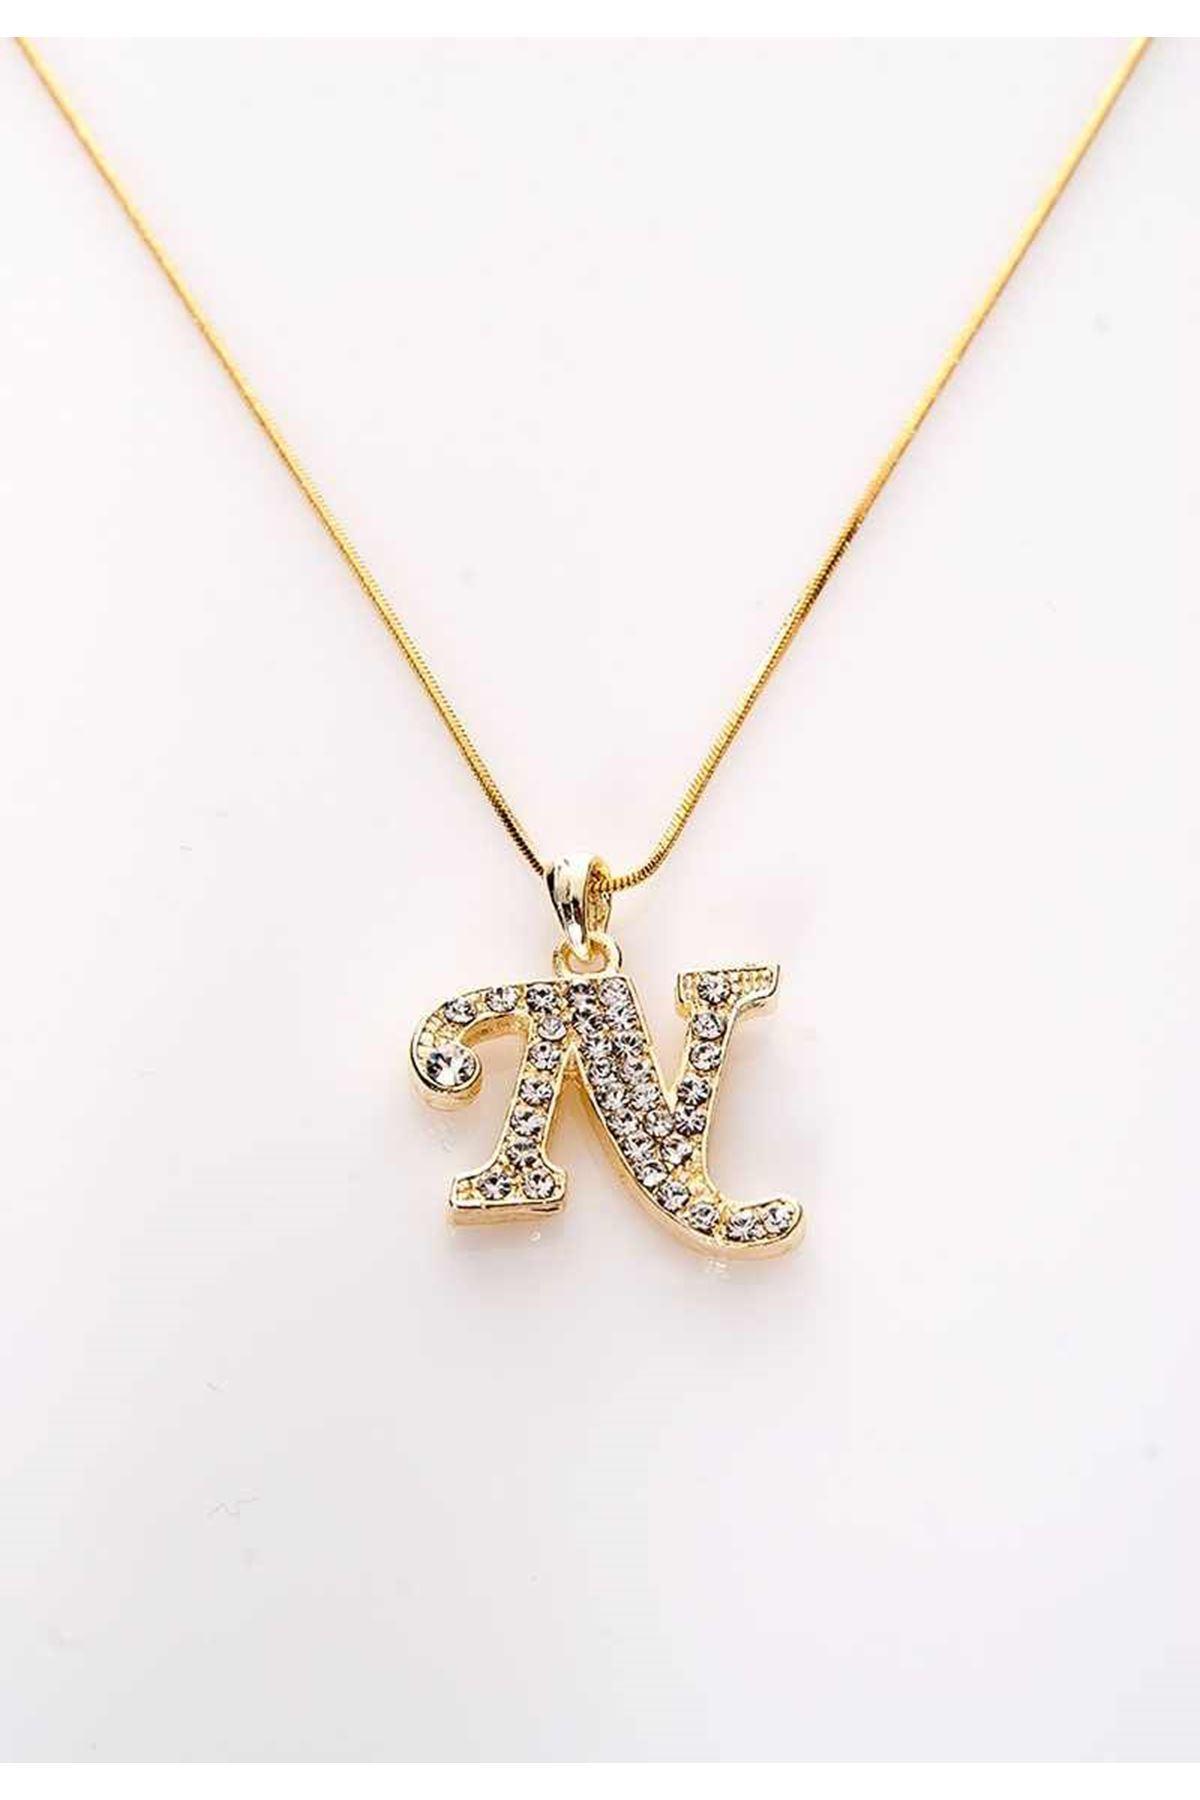 Gold Taşlı N Harf Kolye 11Ç-107851